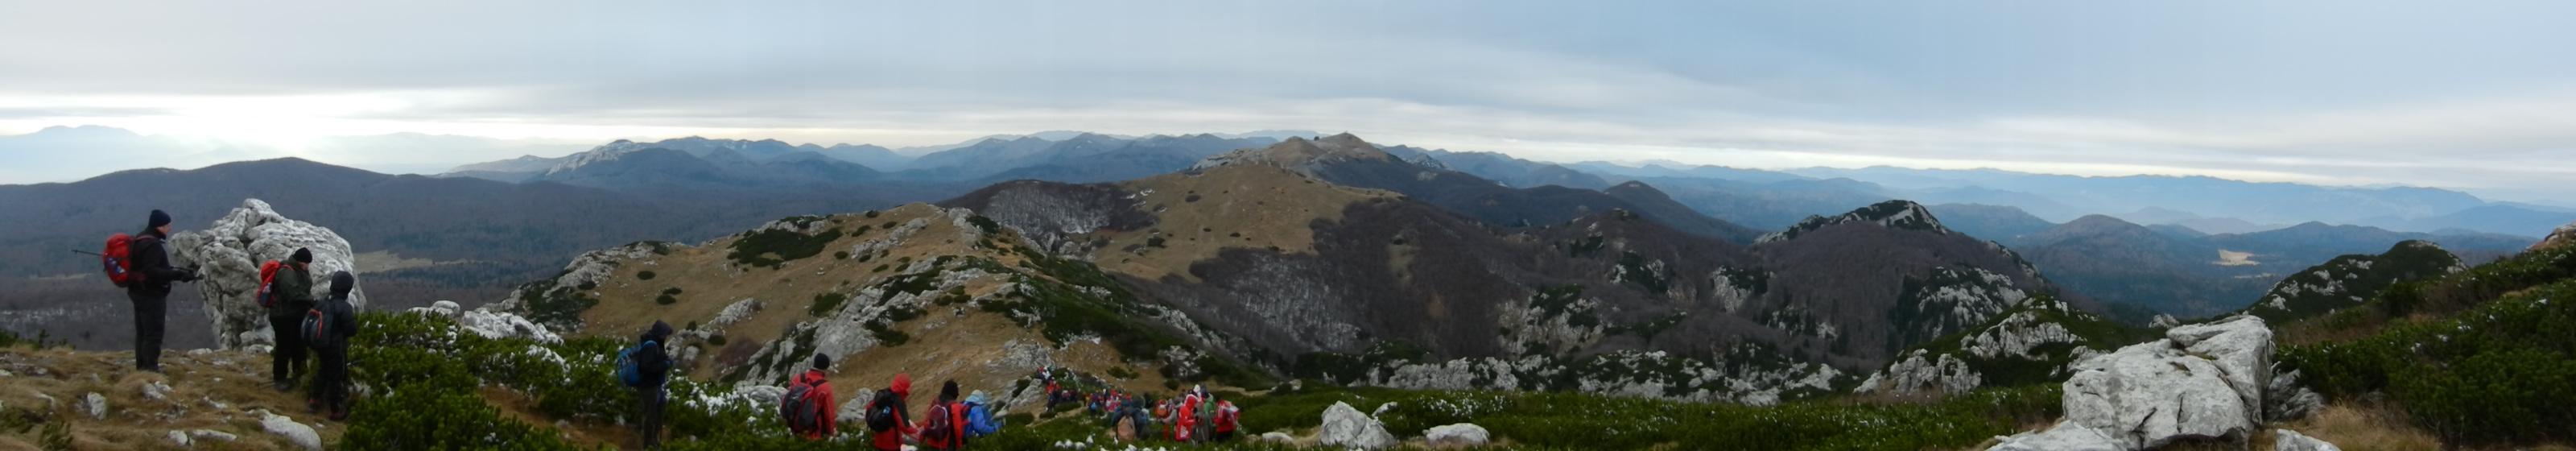 Panorama Snježnika, foto Davor Orsanić